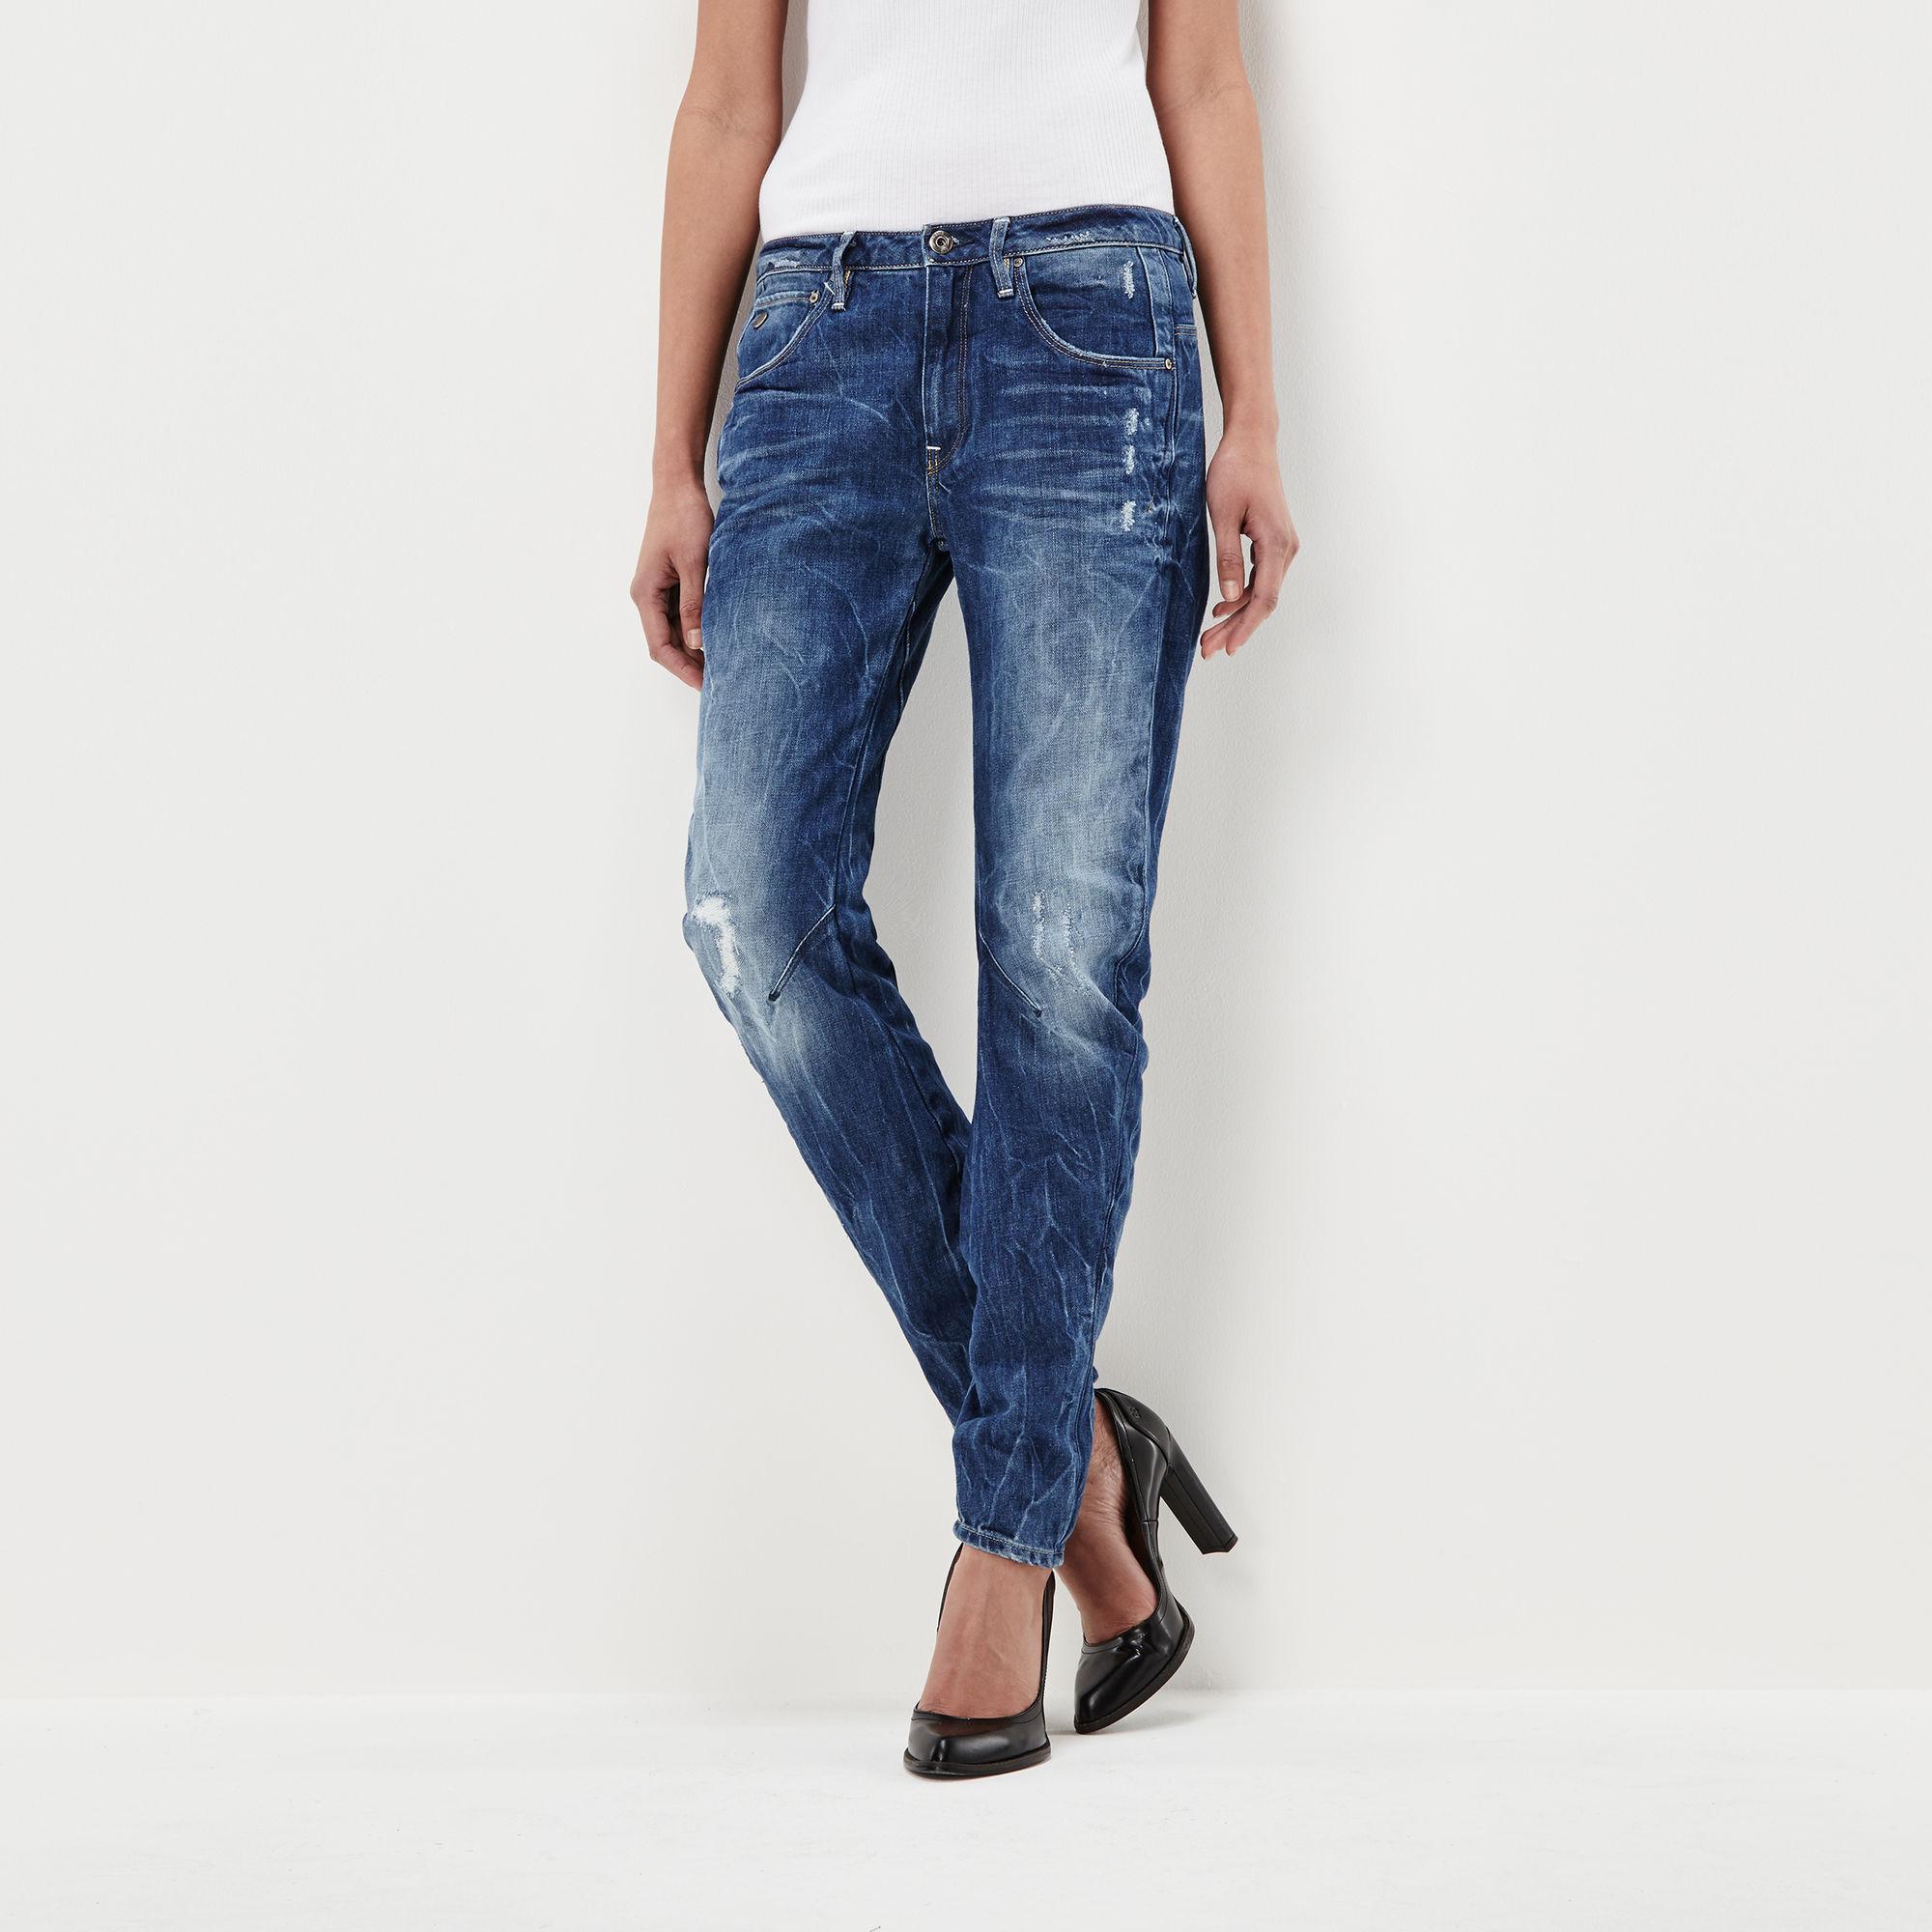 Image of G Star Raw Arc 3D Low Waist Boyfriend Jeans